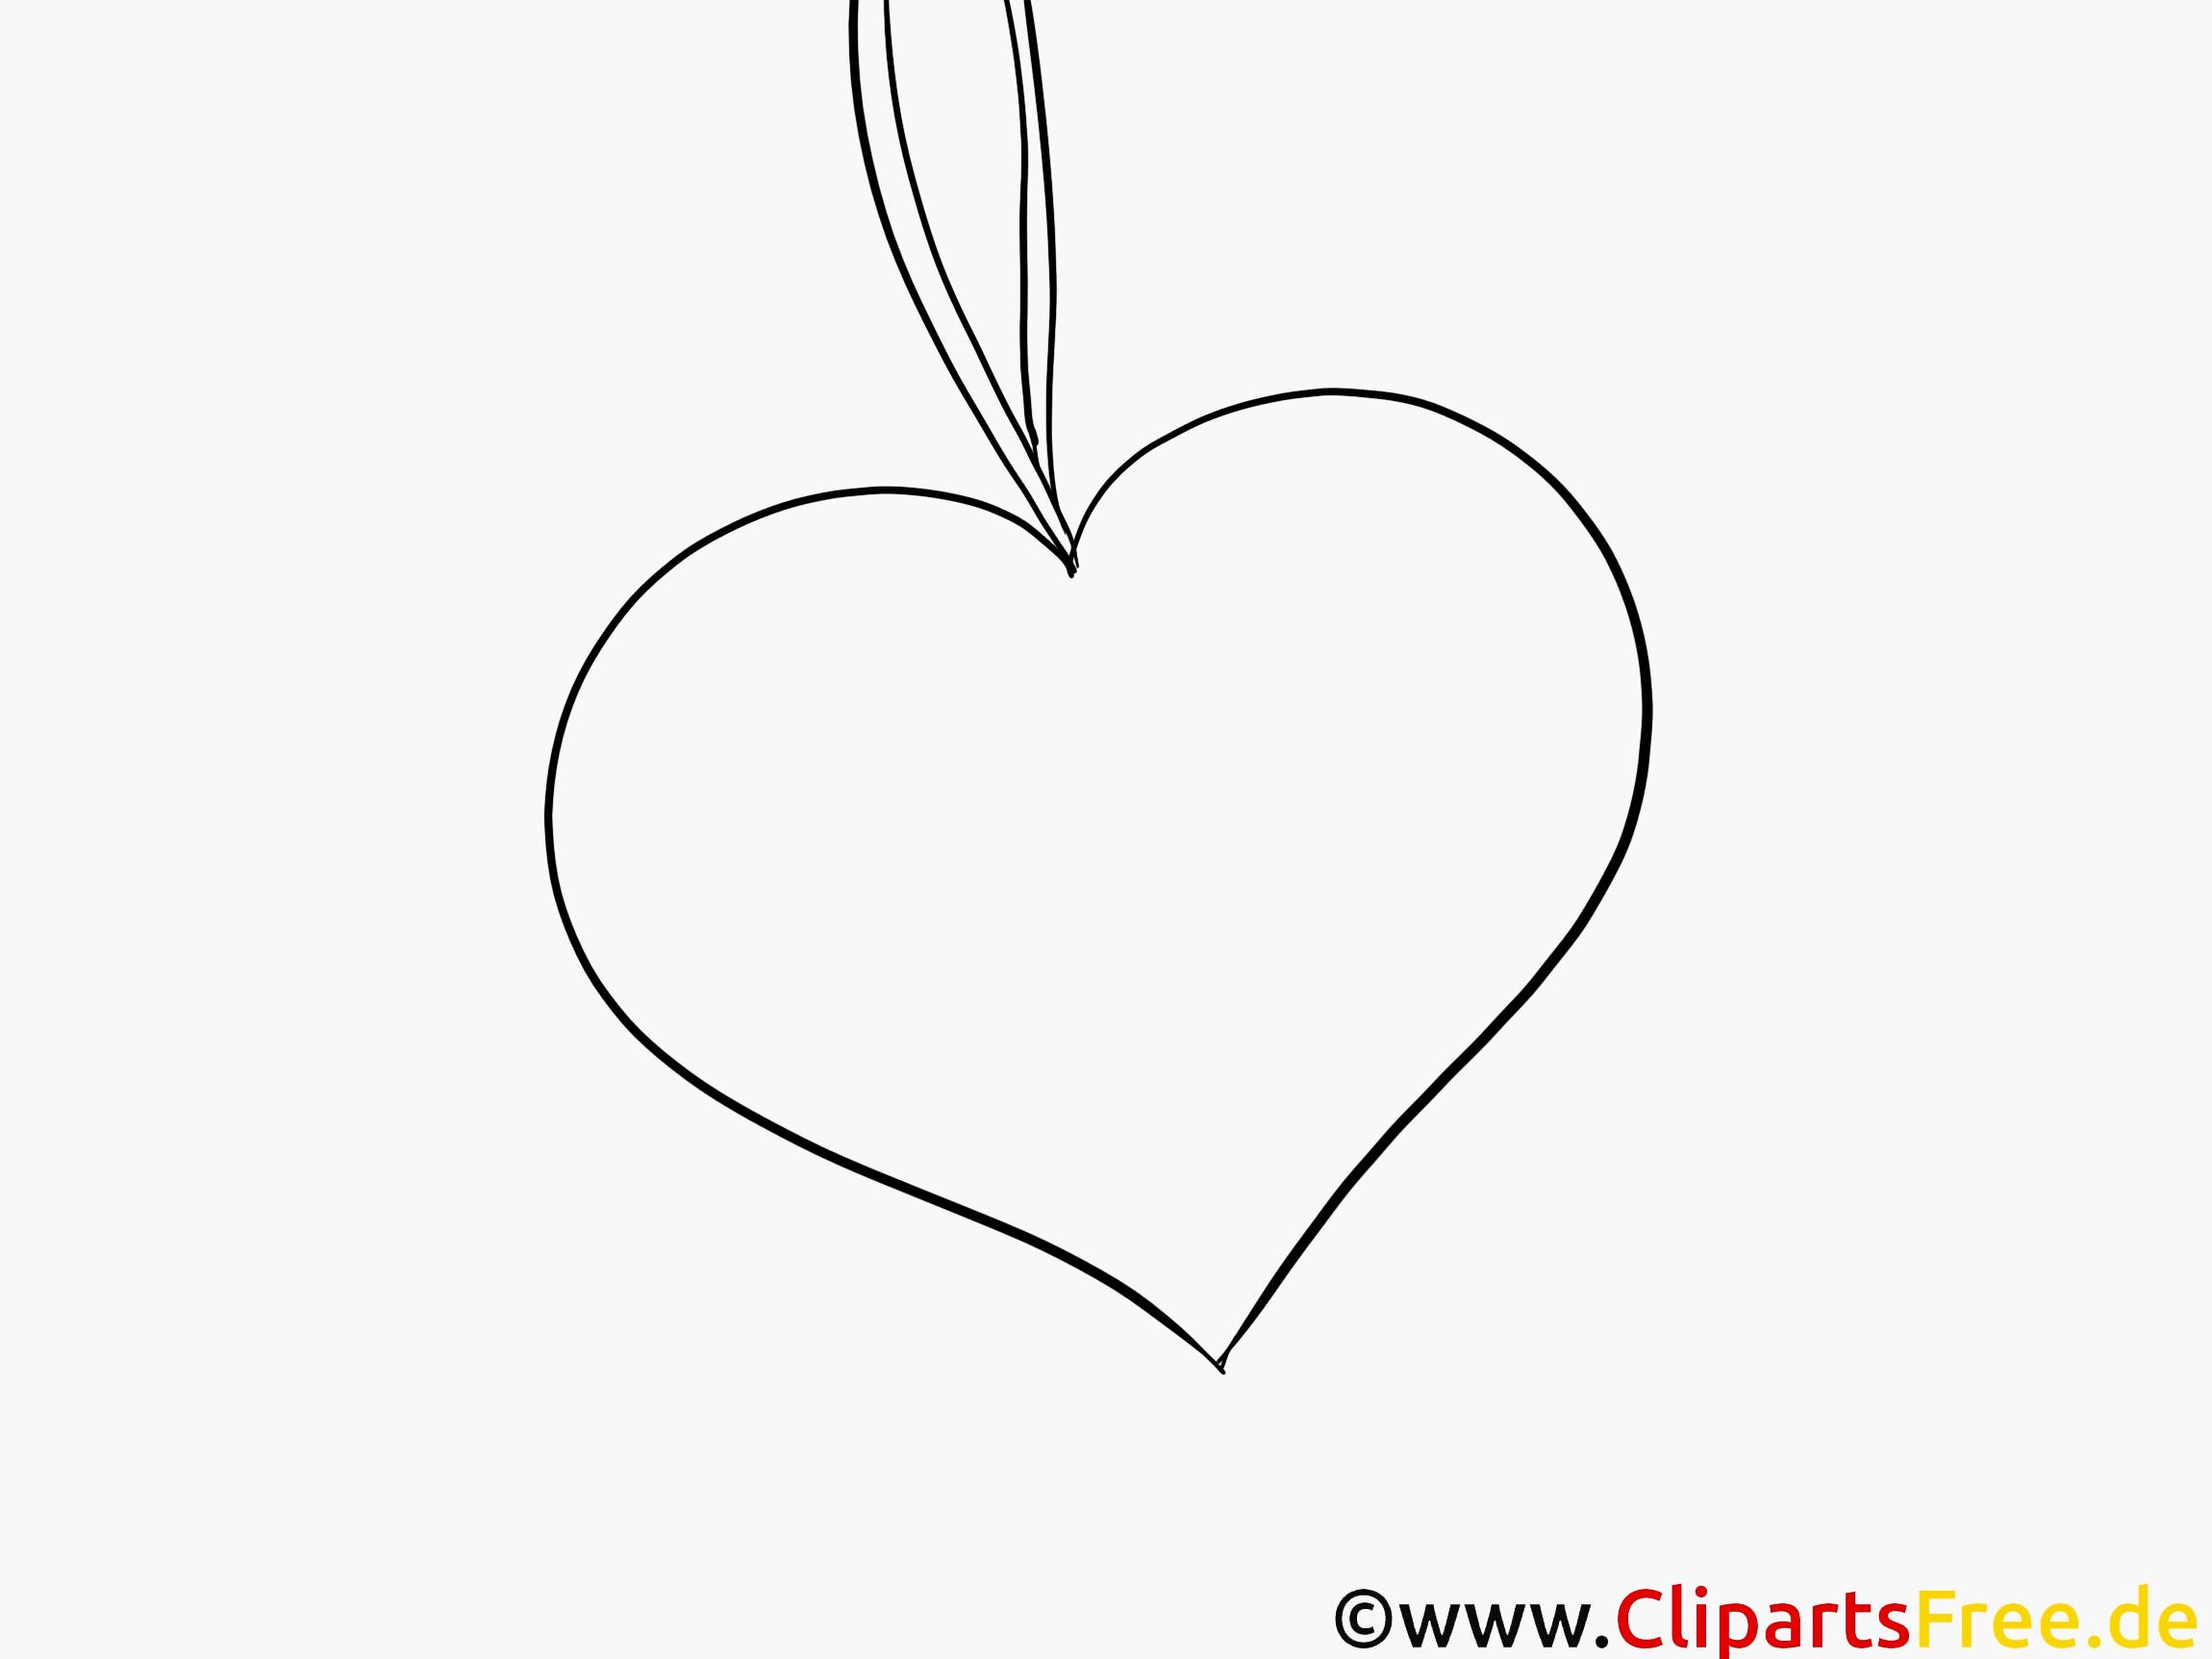 Mandalas Zum Ausdrucken Herzen Neu 46 Illustration Herz Bilder Zum Ausdrucken Gut Fotos